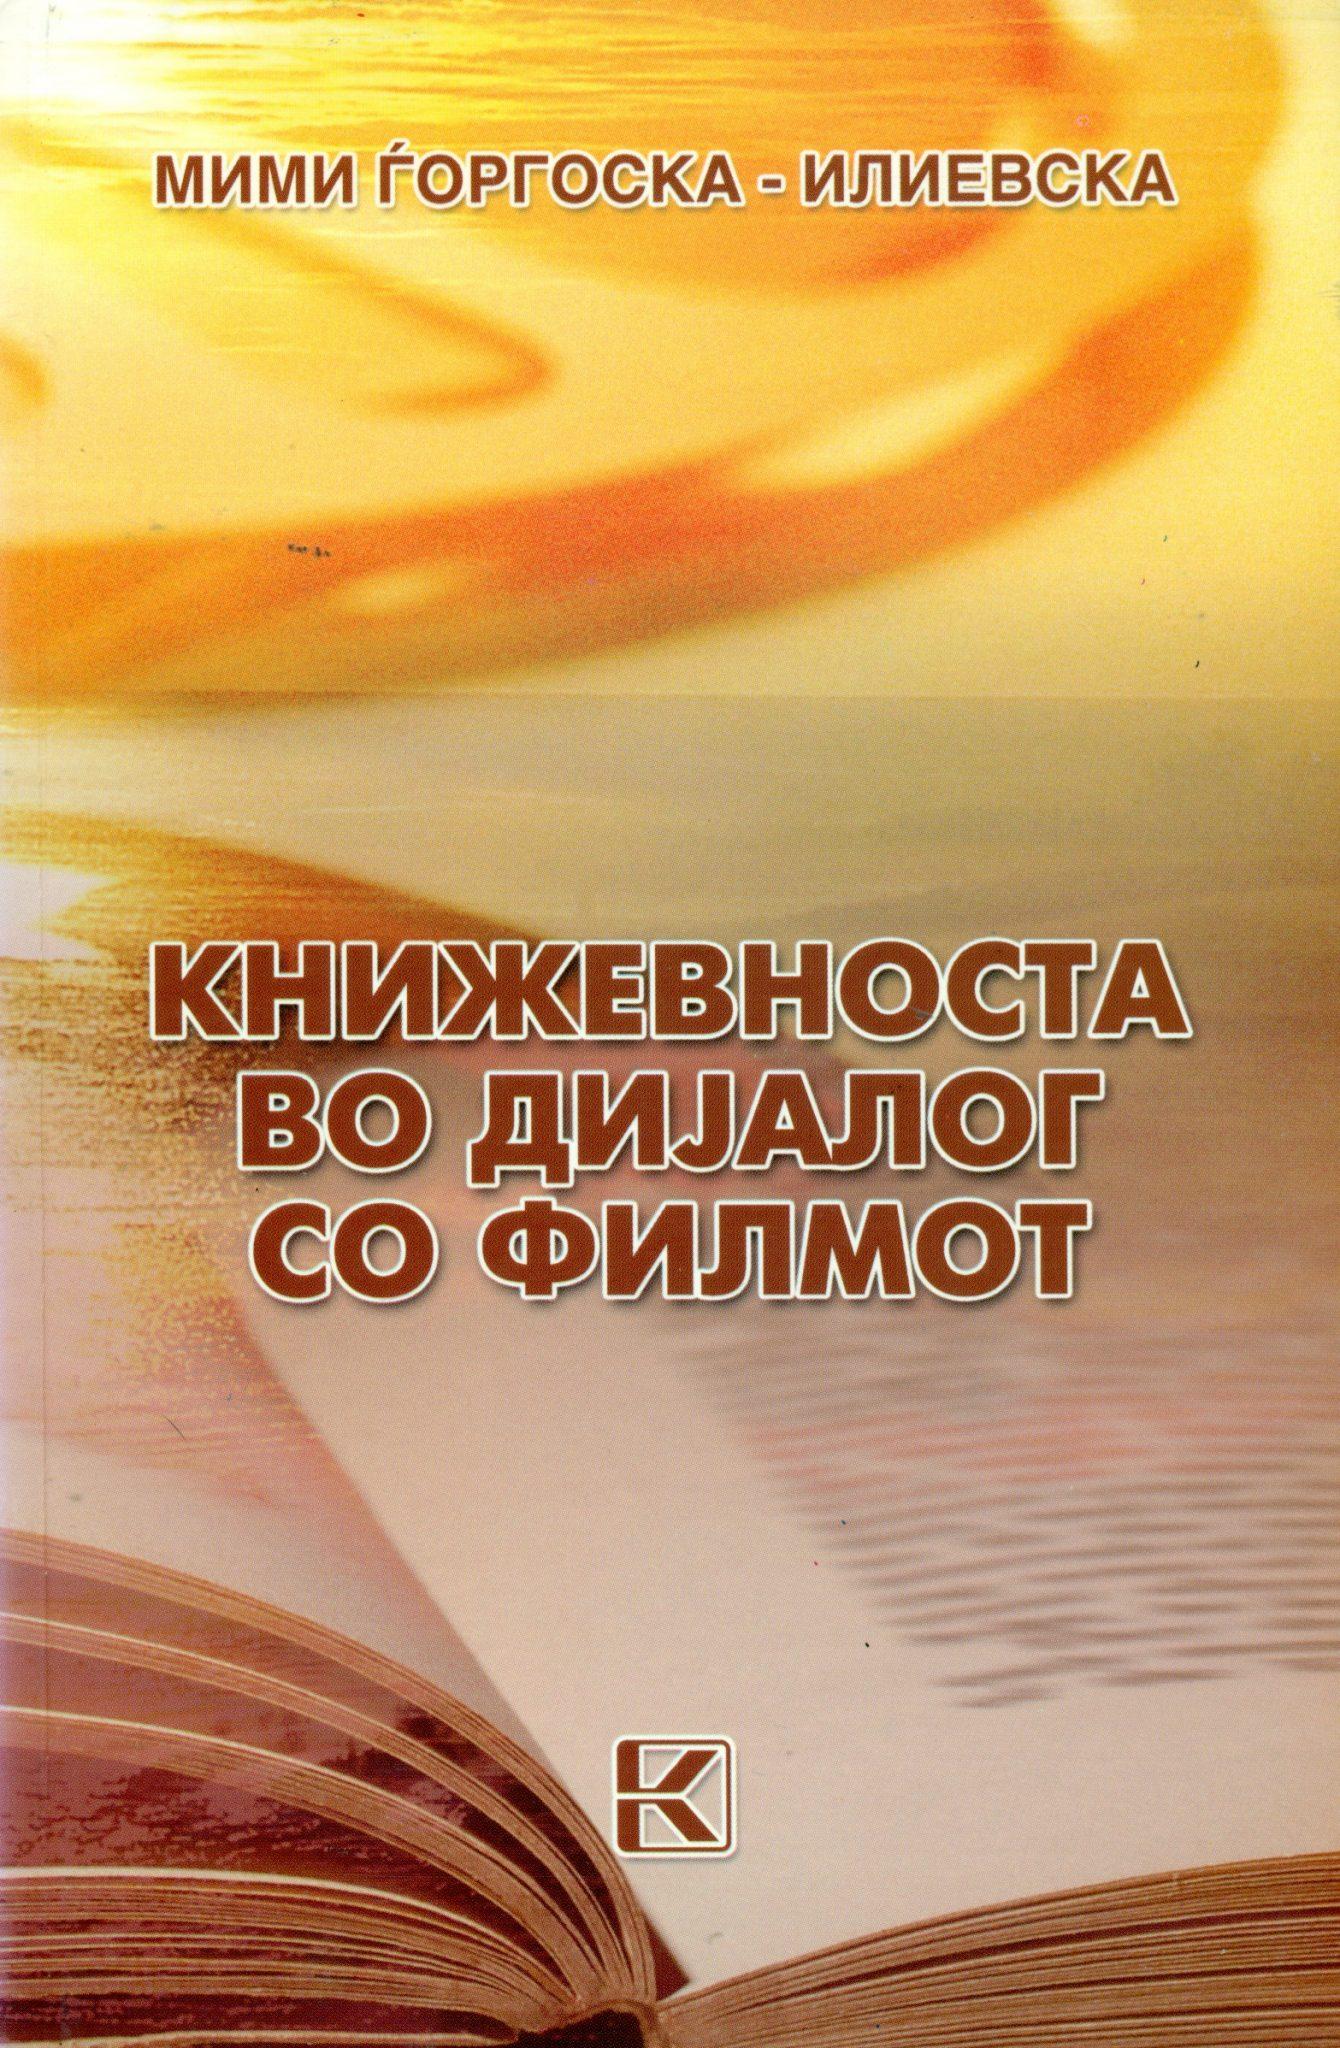 Книжевноста во дијалог со филмот: интермедијални односи меѓу македонската книжевност и филм